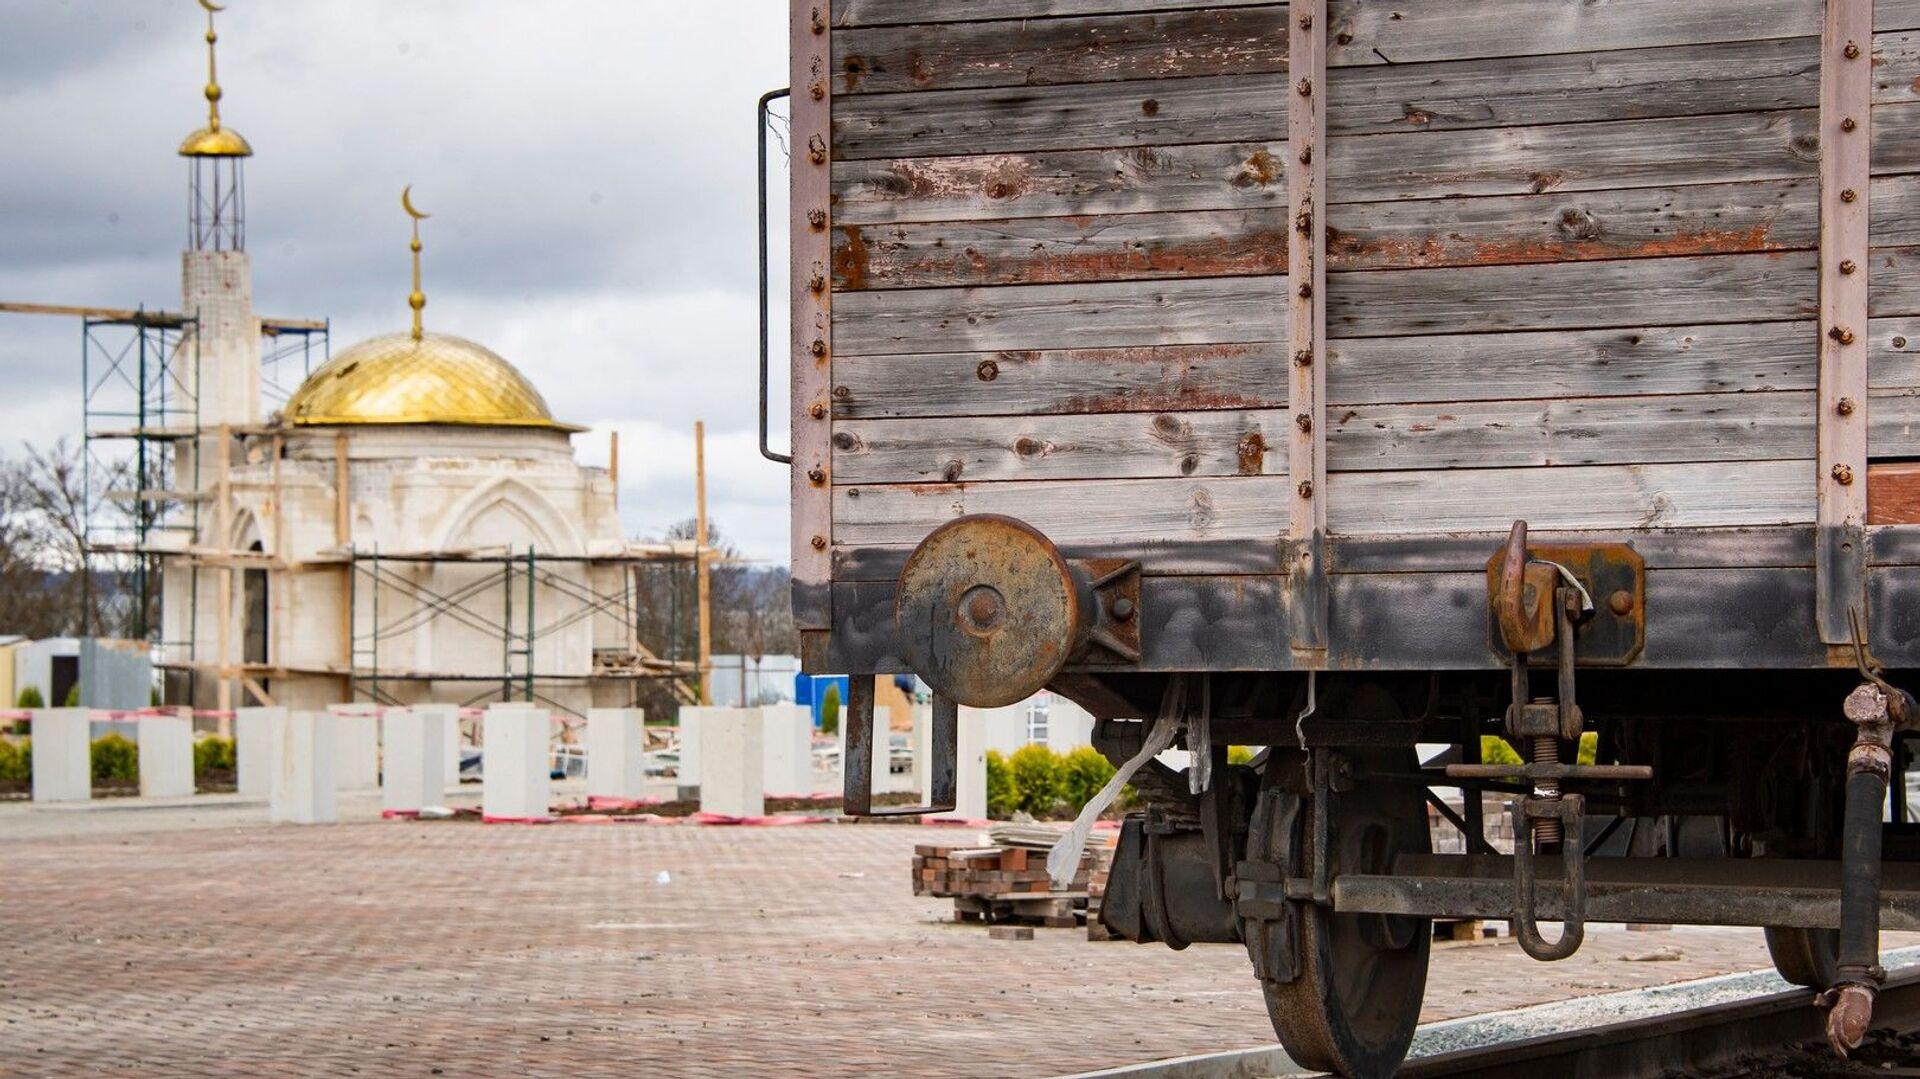 Строительство мемориала жертвам депортации на станции Сирень - РИА Новости, 1920, 21.04.2021